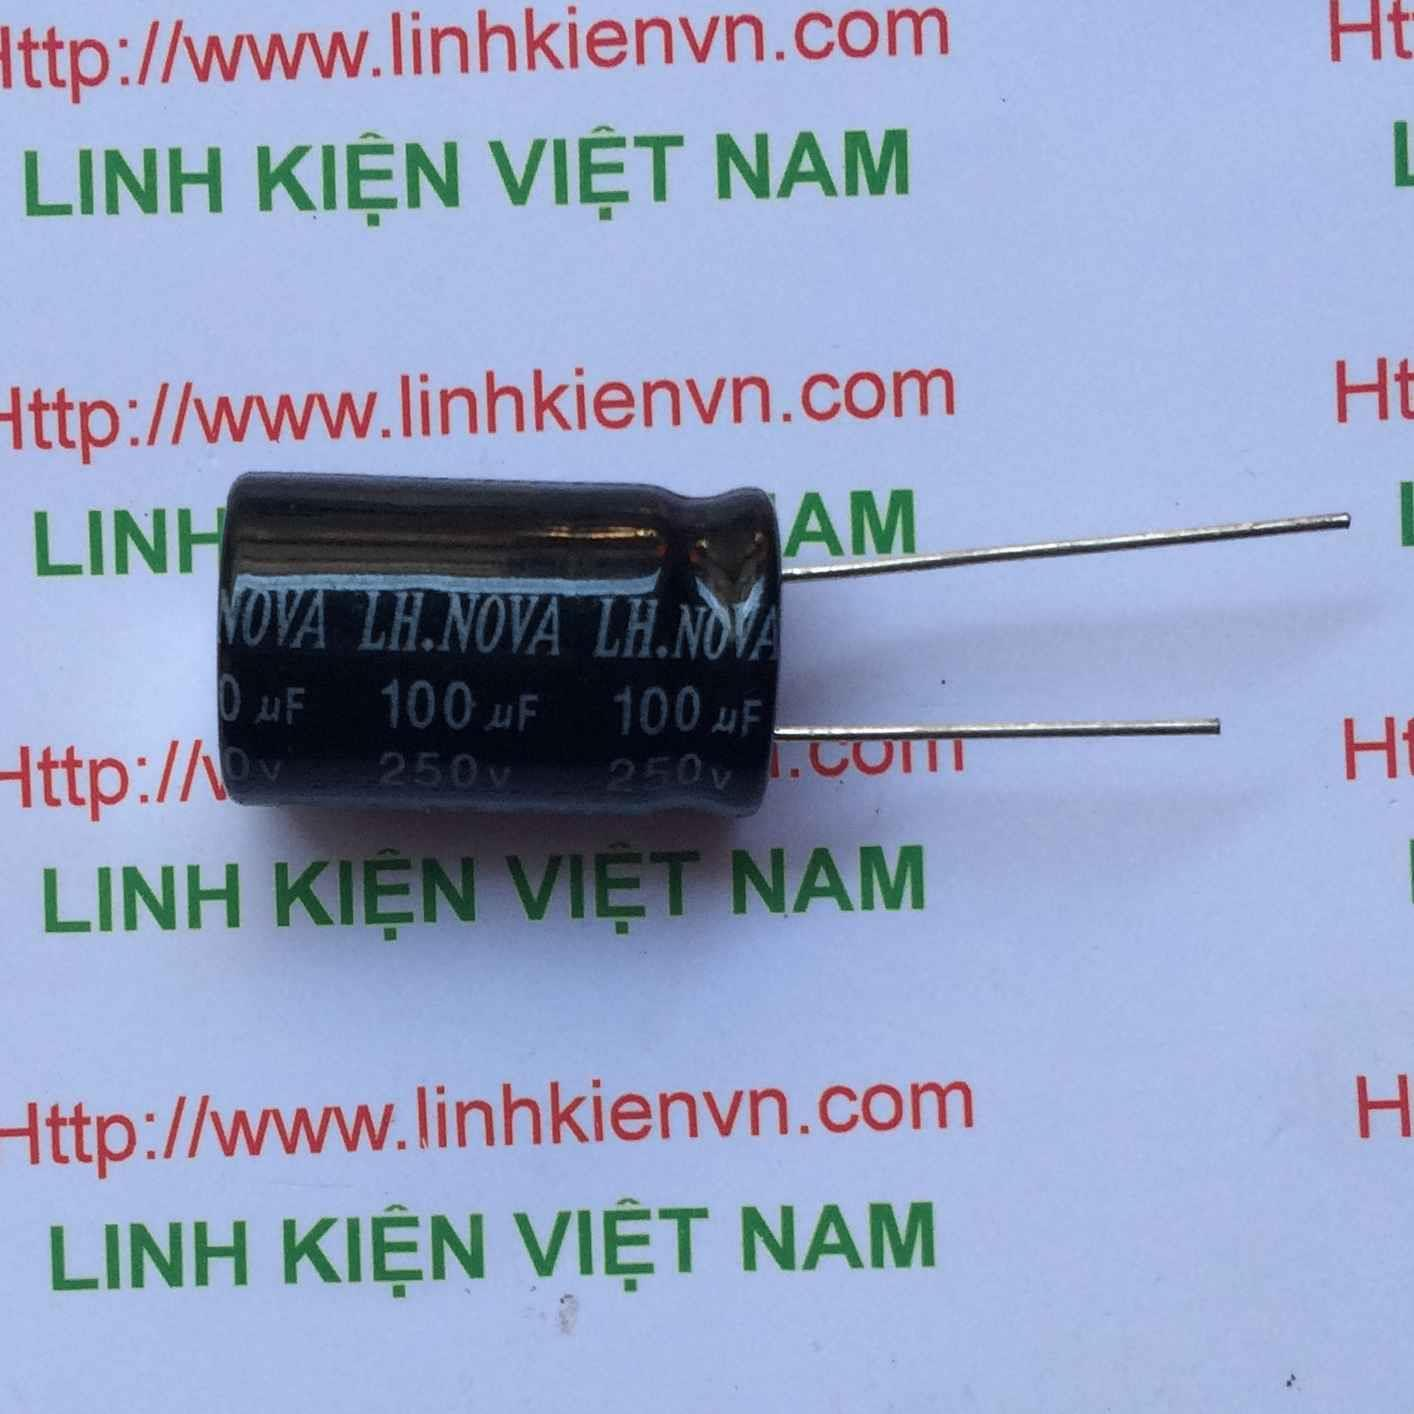 Tụ Hóa 100uF-250V / Tụ Hóa 250V 100uF / Tụ 100uF 250V - A7H8